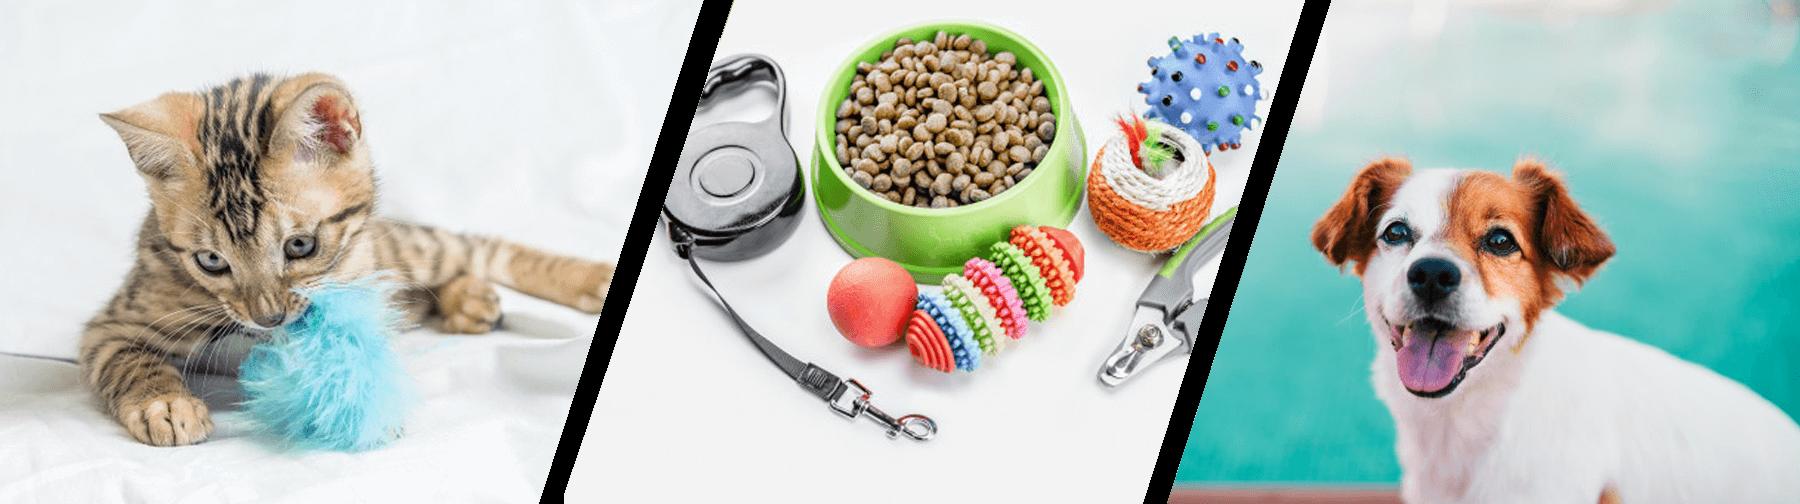 Hišni ljubljenčki - bogata izbira opreme in sredstev za nego vaših hišnih ljubljenčkov po ugodnih cenah. pes, mačka, akvarij za ribe